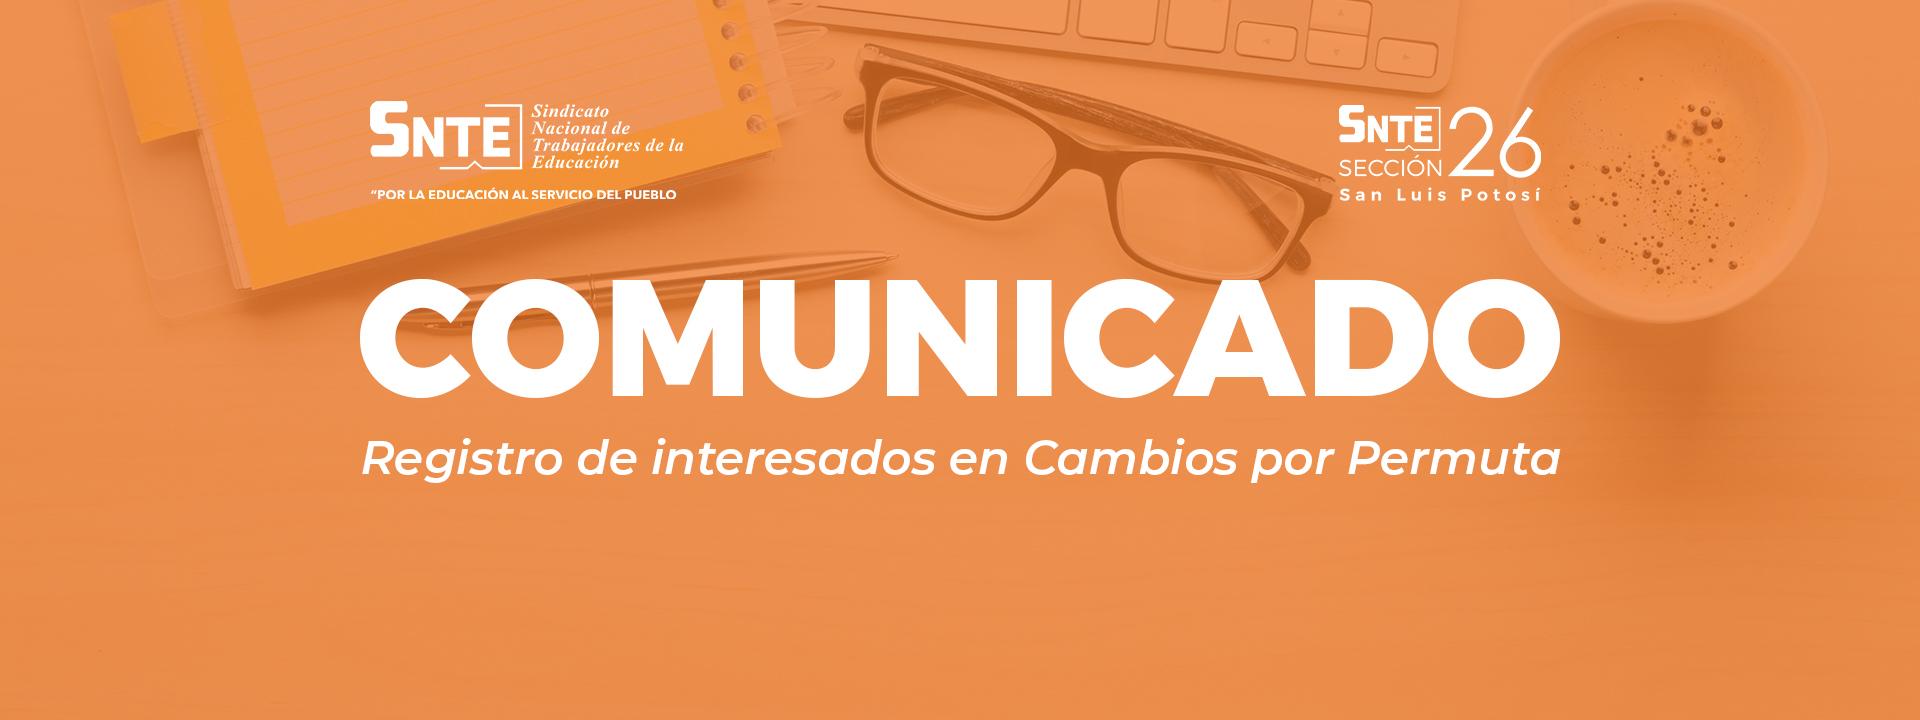 COMUNICADO   Registro de interesados en Cambios por Permuta